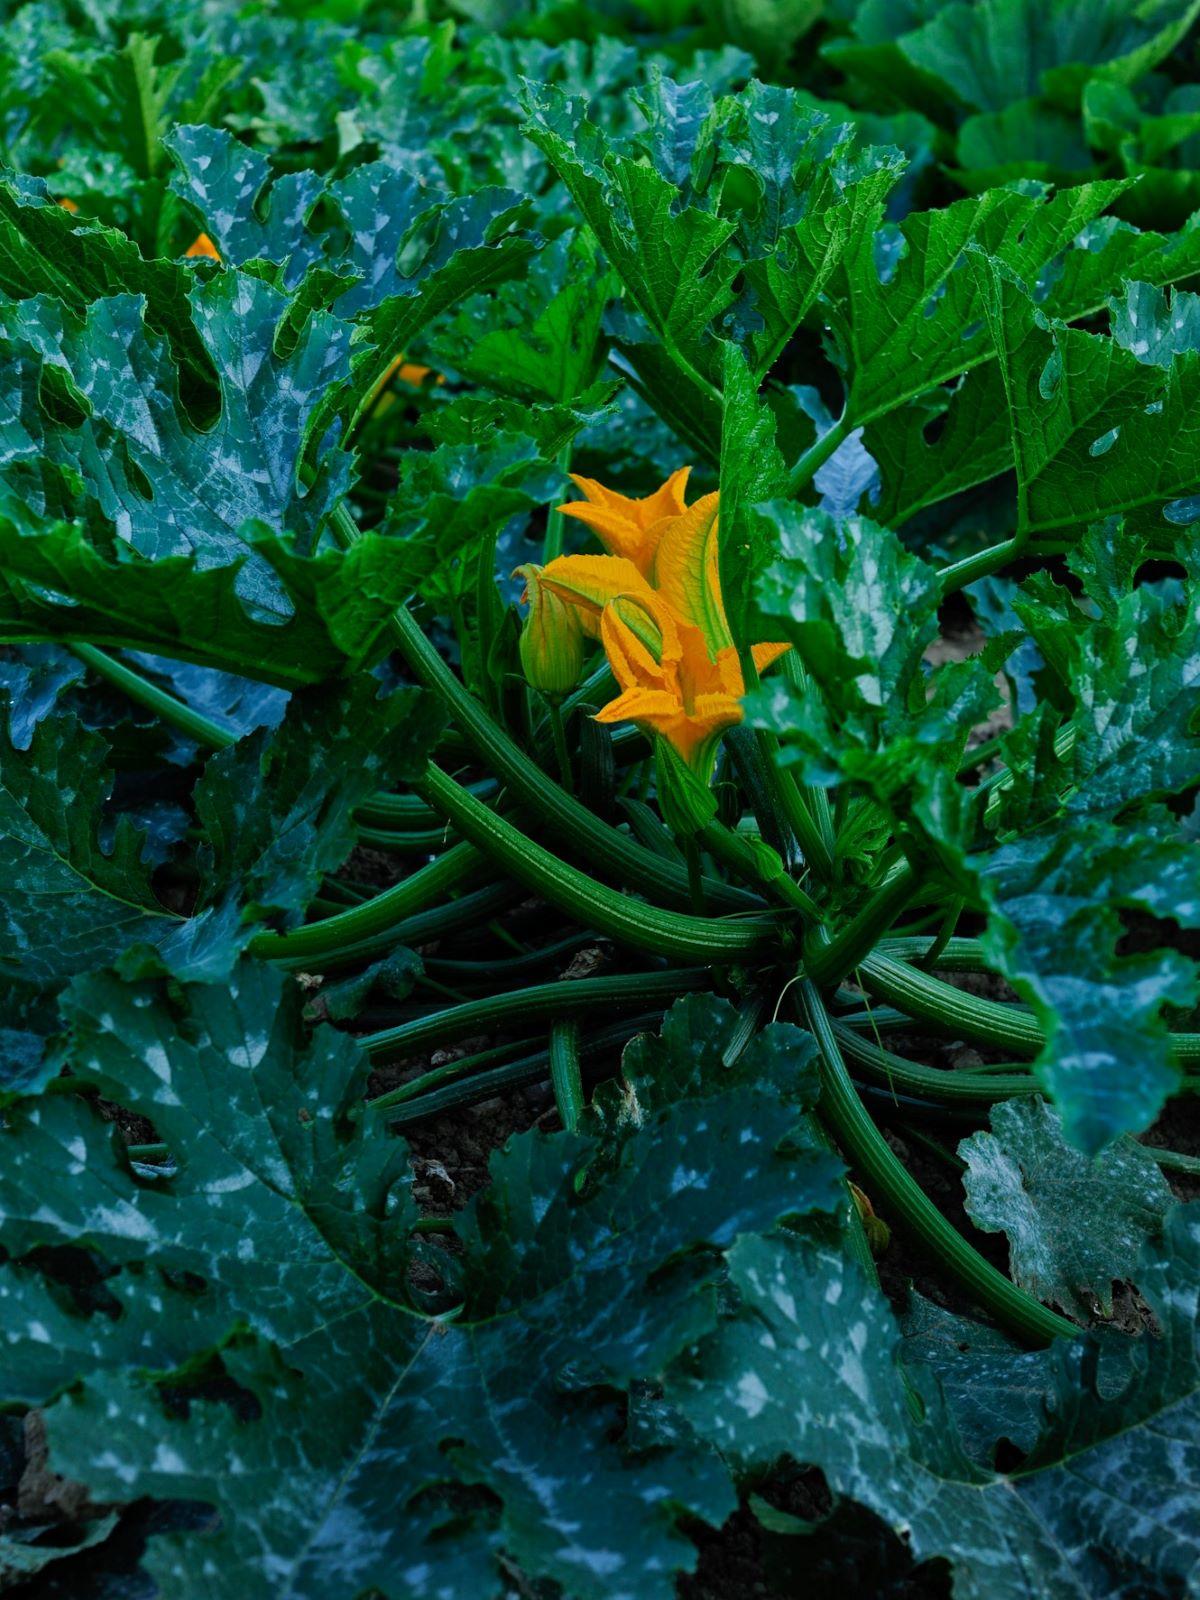 Juillet - Les fleurs de Courgette peuvent être utilisées pour faire des beignets